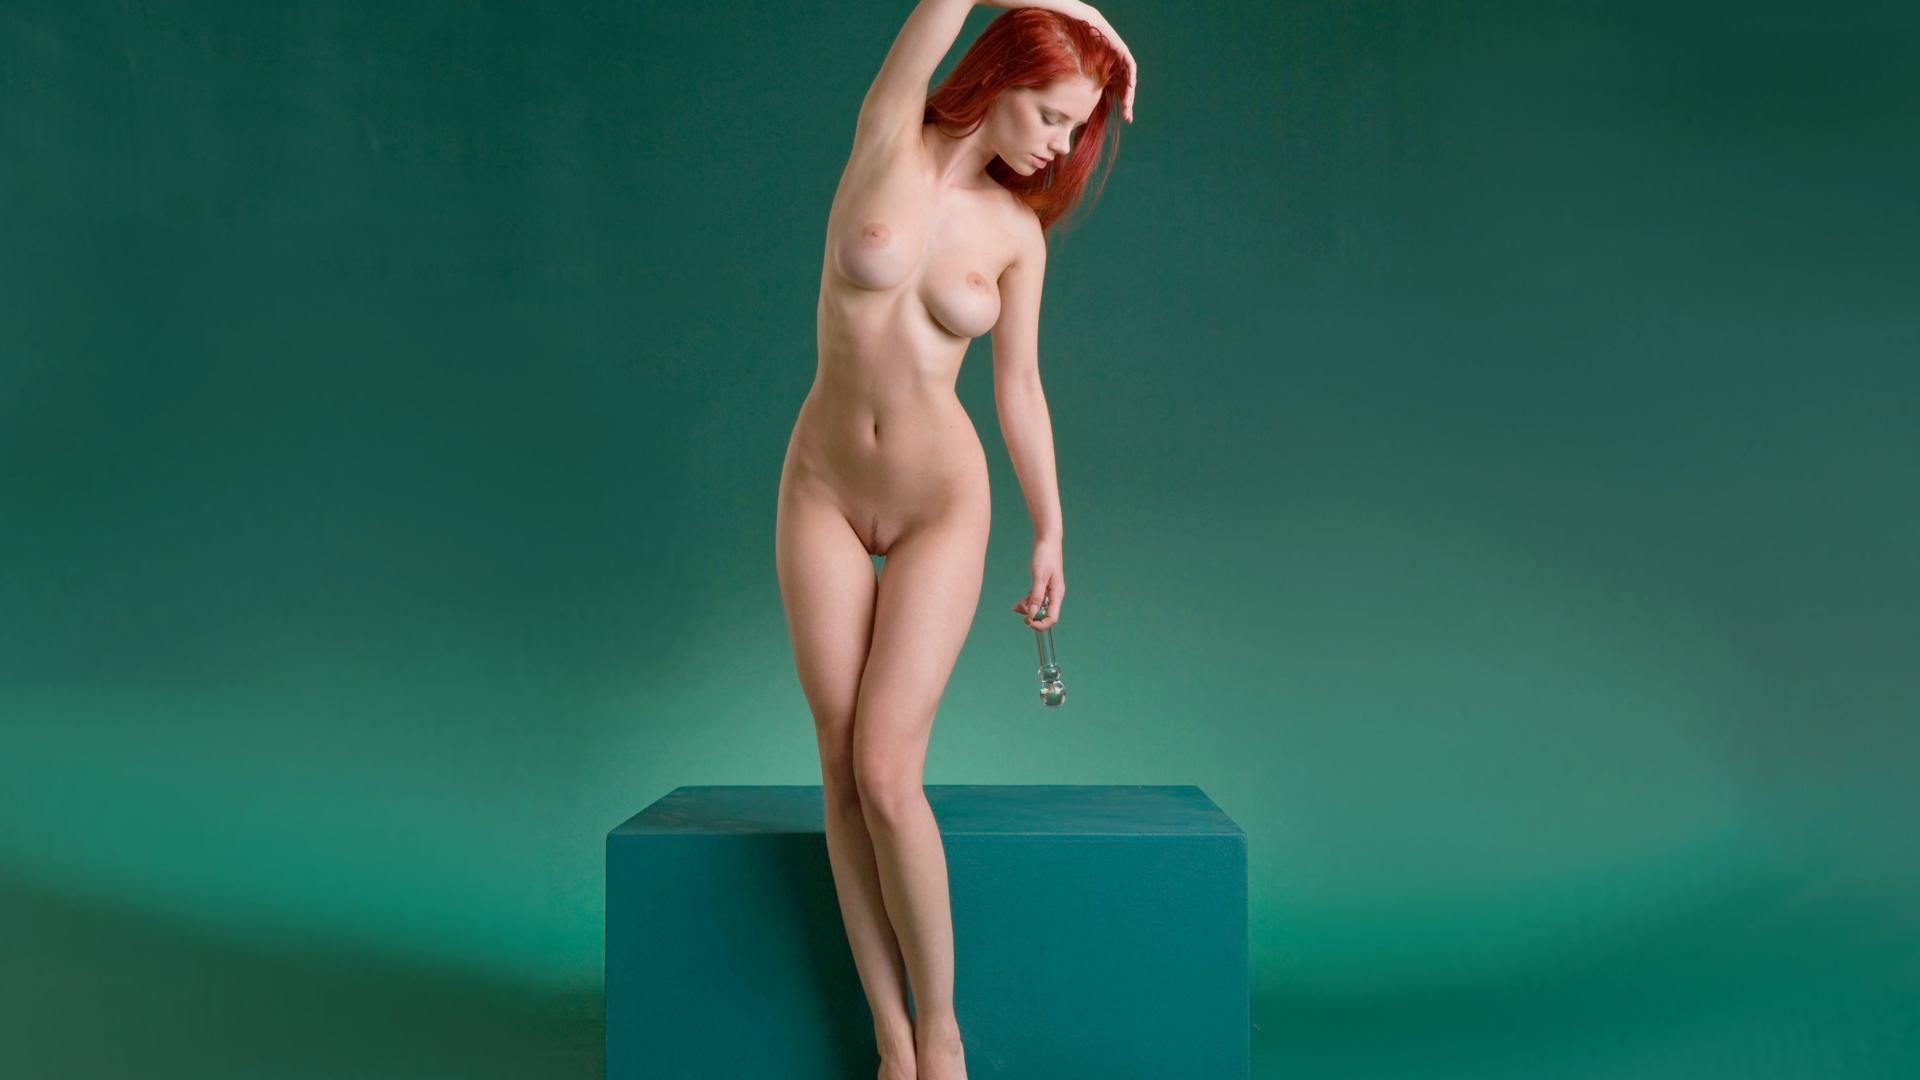 desi male nude photo